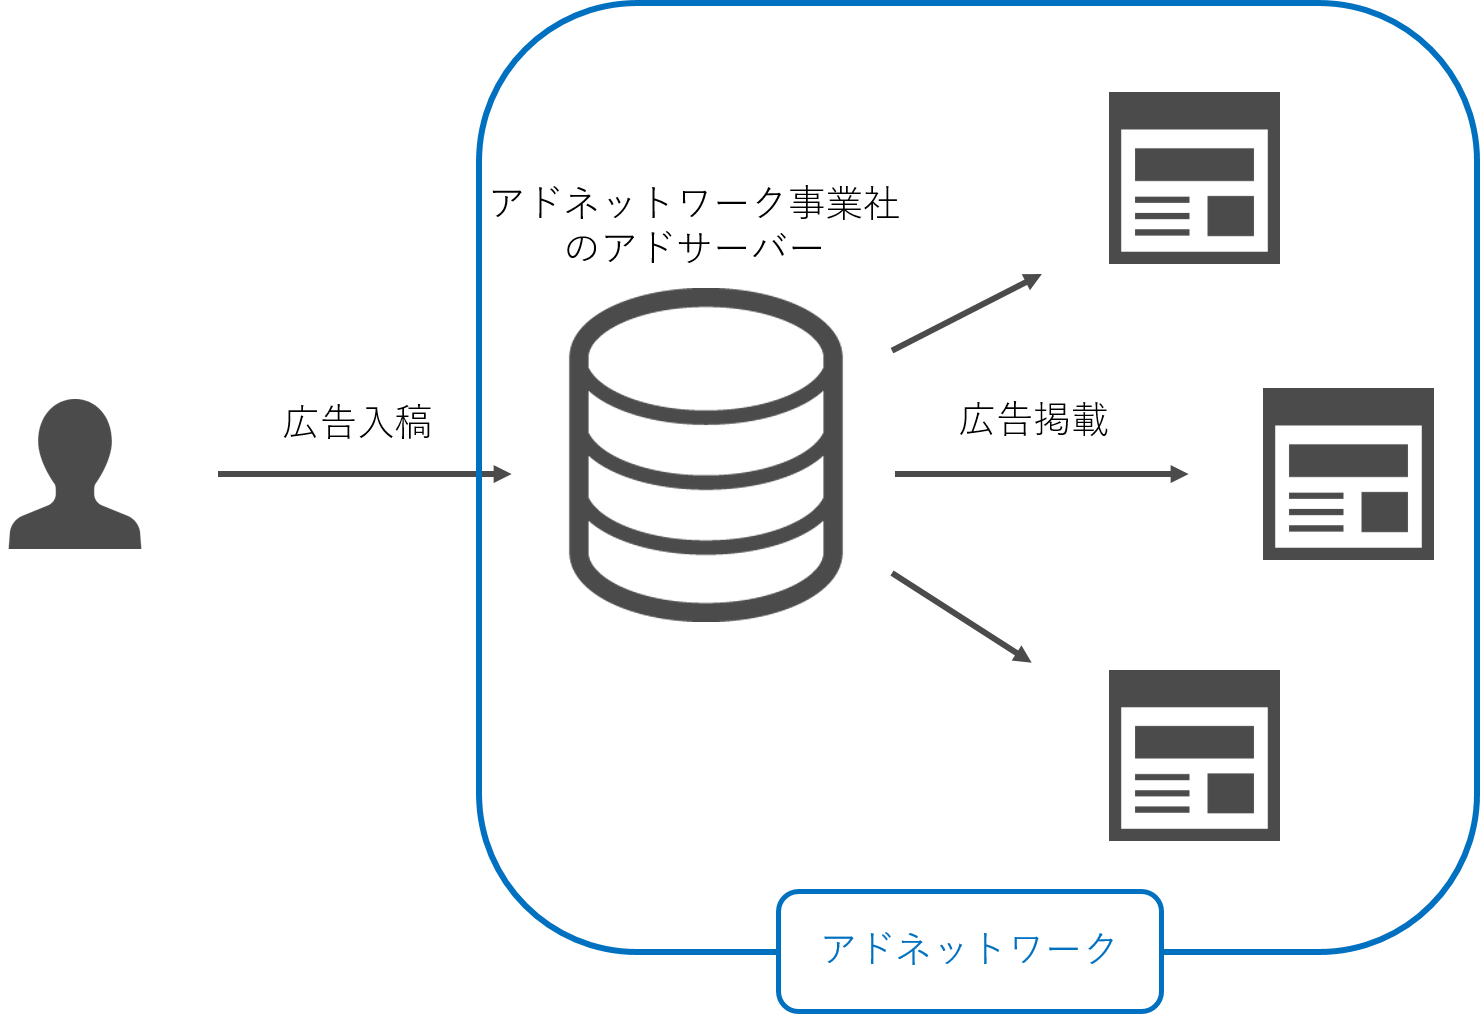 アドネットワークのイメージ図